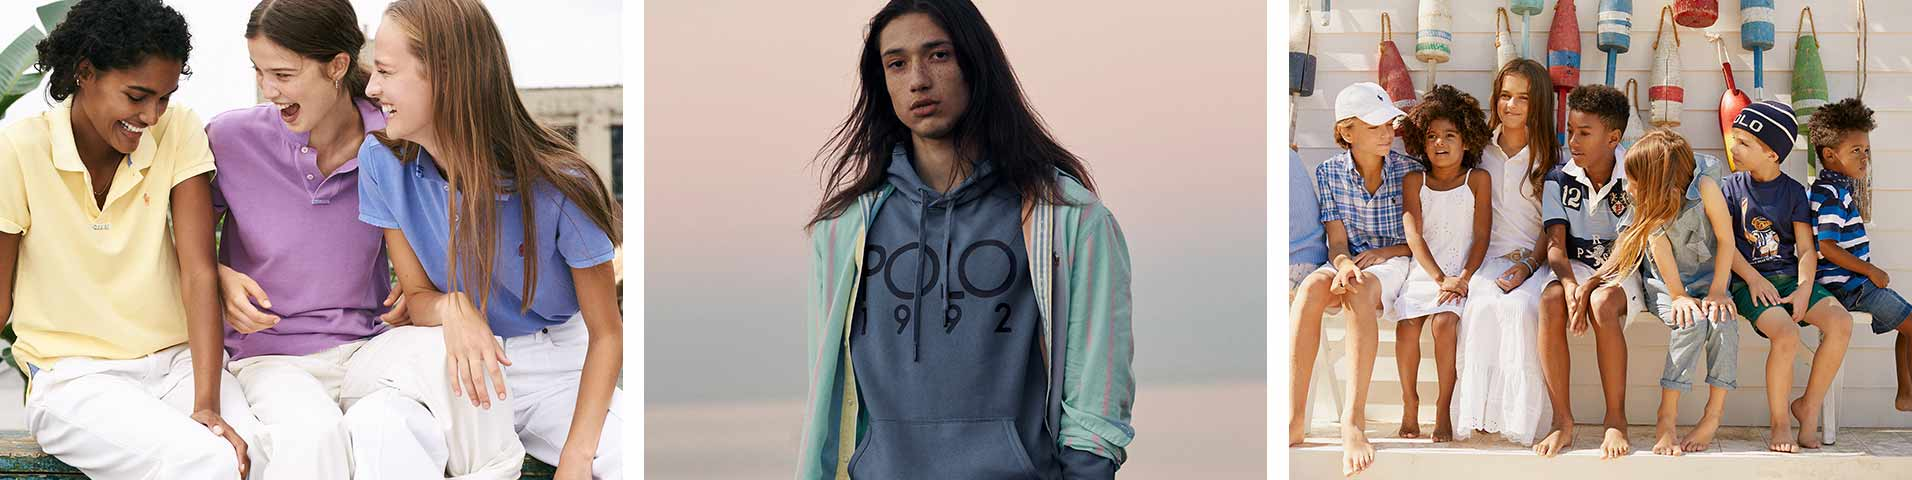 36e6f872892c50 Polo Ralph Lauren | La nuova collezione online su Zalando